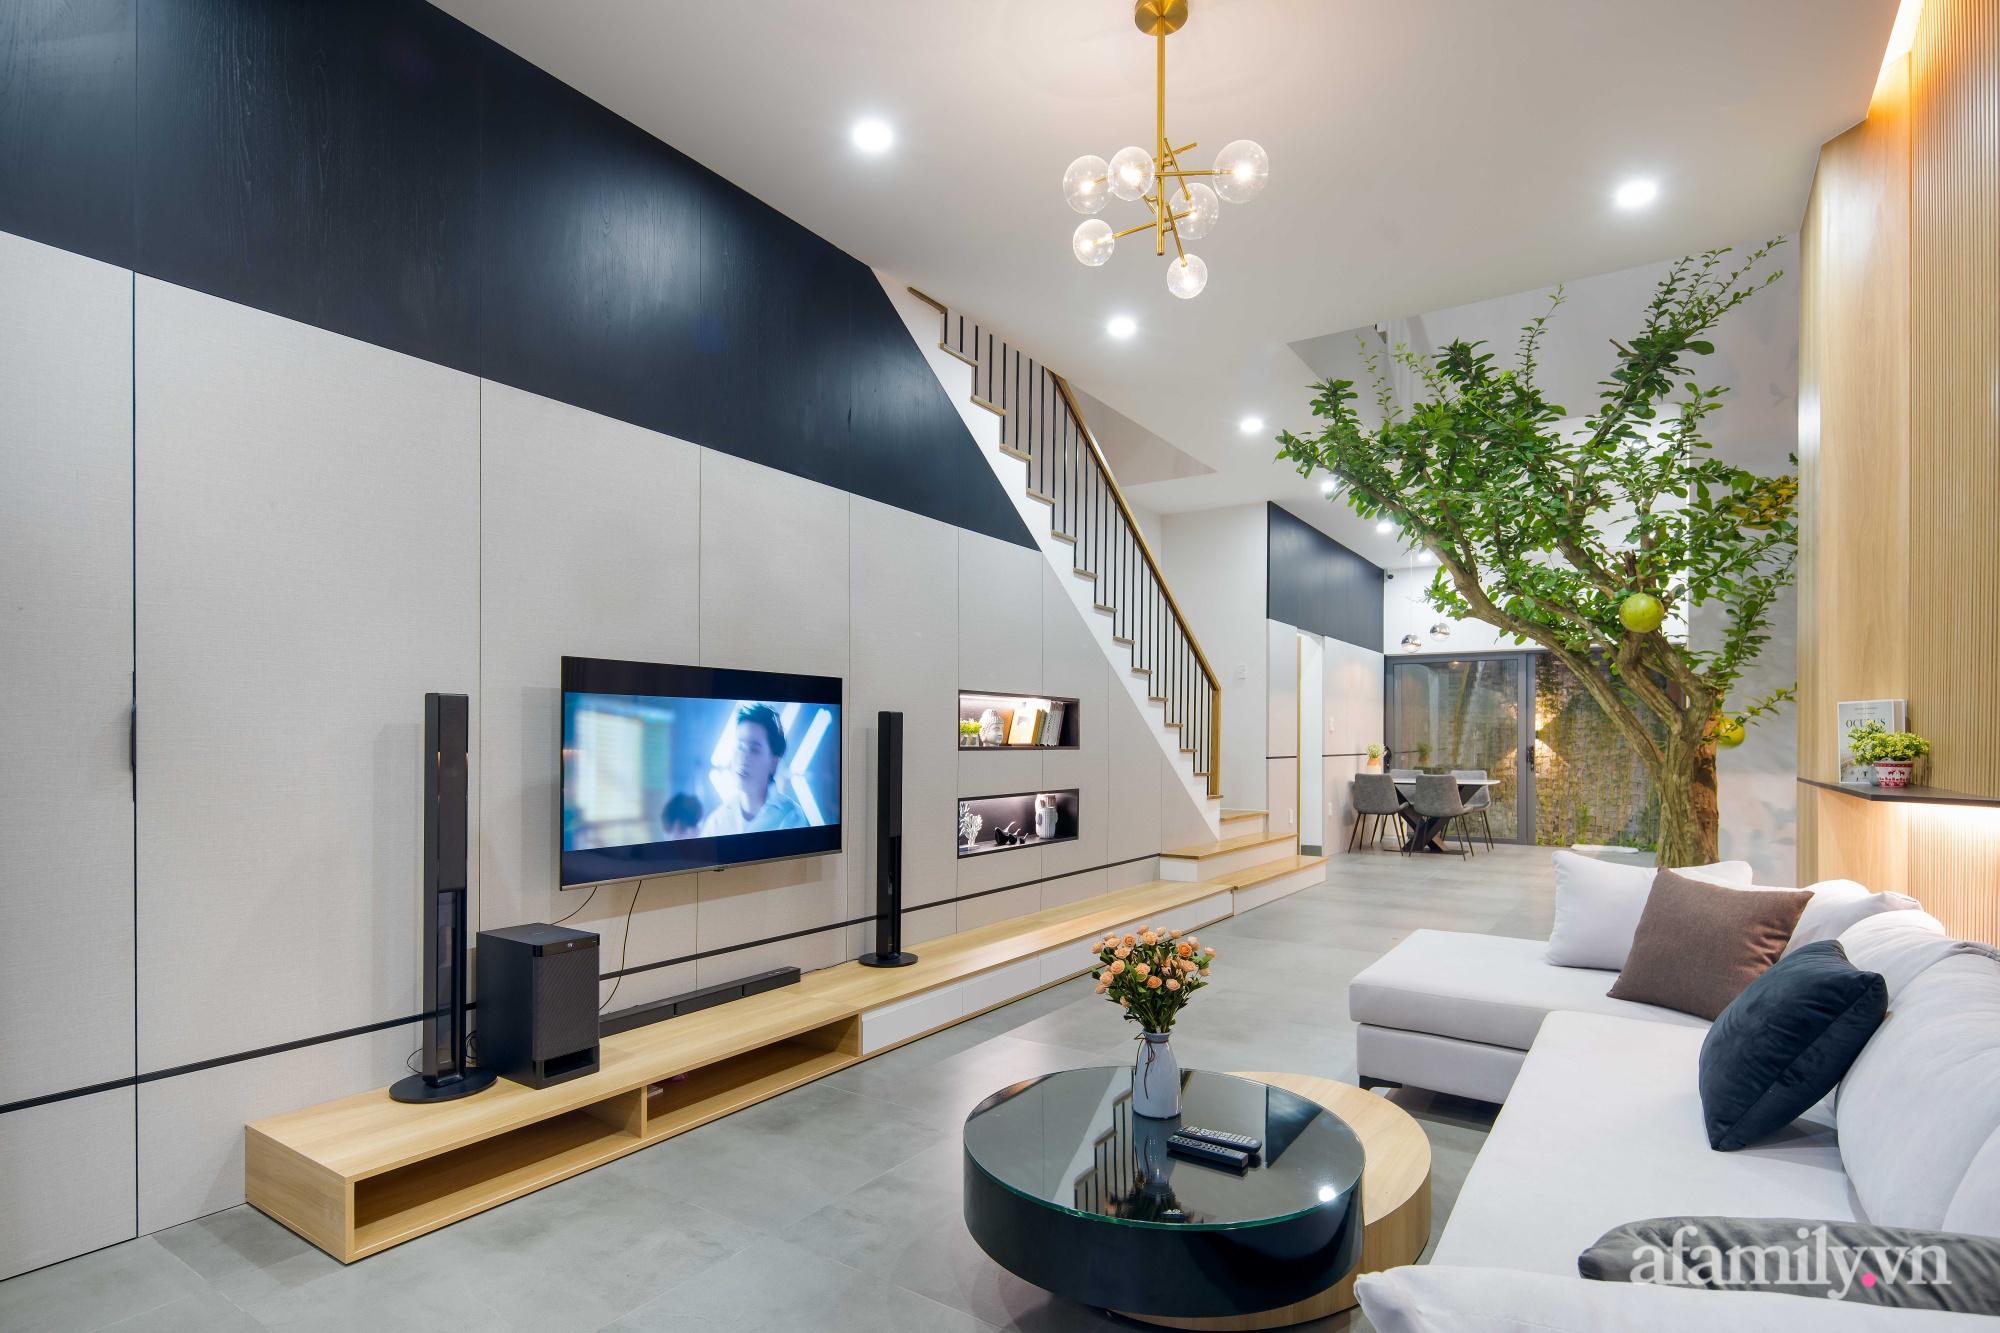 Nhà phố 3 tầng đẹp hiện đại với phong cách tối giản ngập tràn ánh sáng và cây xanh ở Đà Nẵng - Ảnh 6.